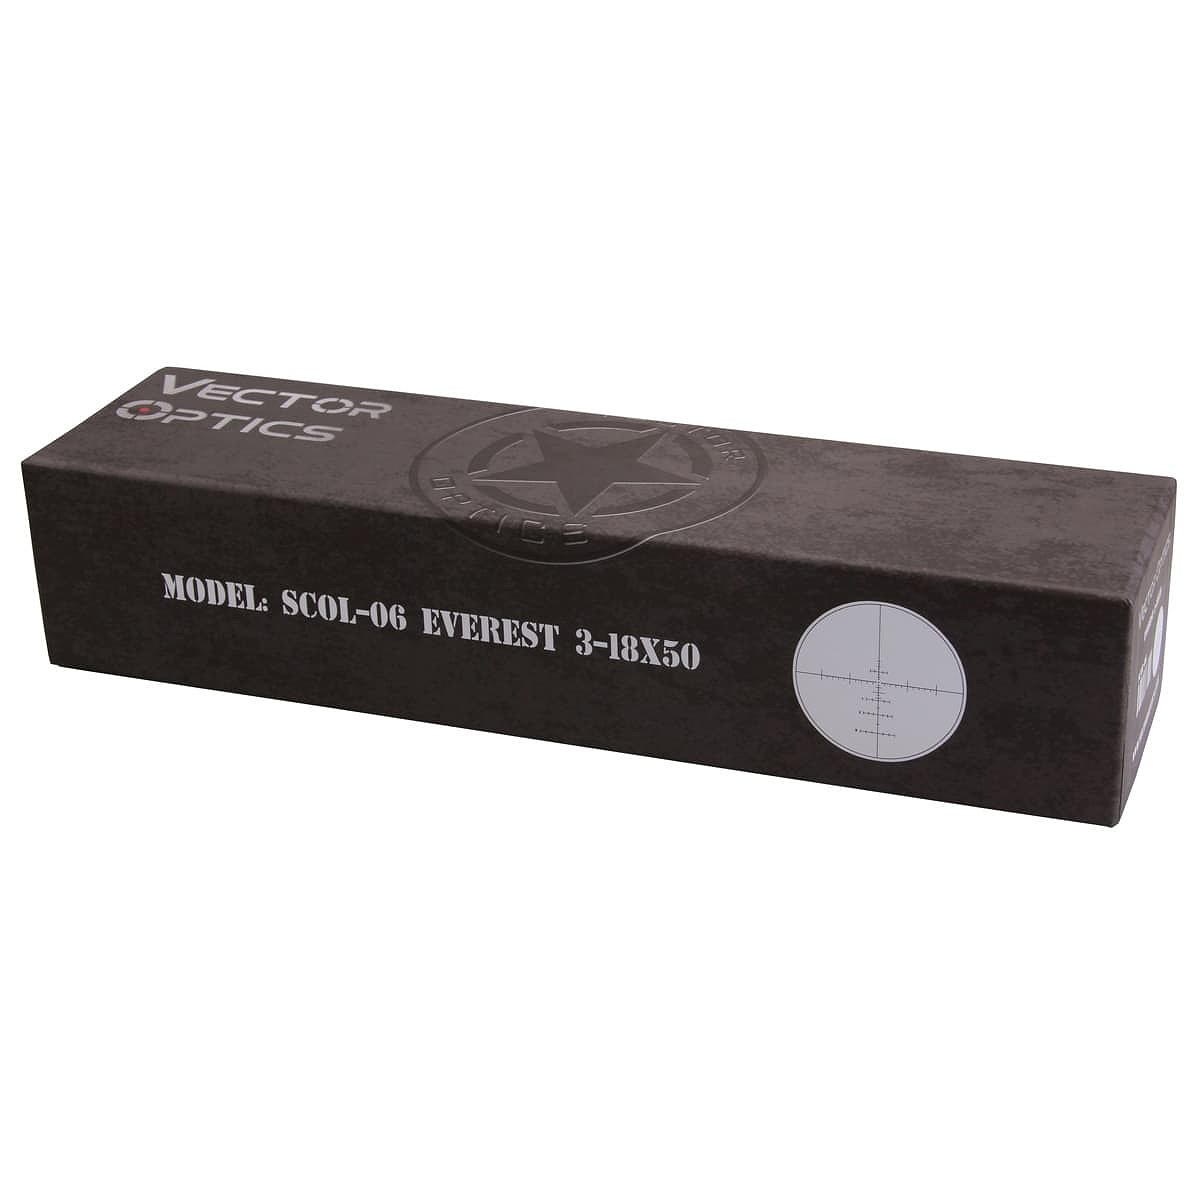 ベクターオプティクス ライフルスコープ Everest 3-18x50 GenII  Vector Optics SCOL-06II